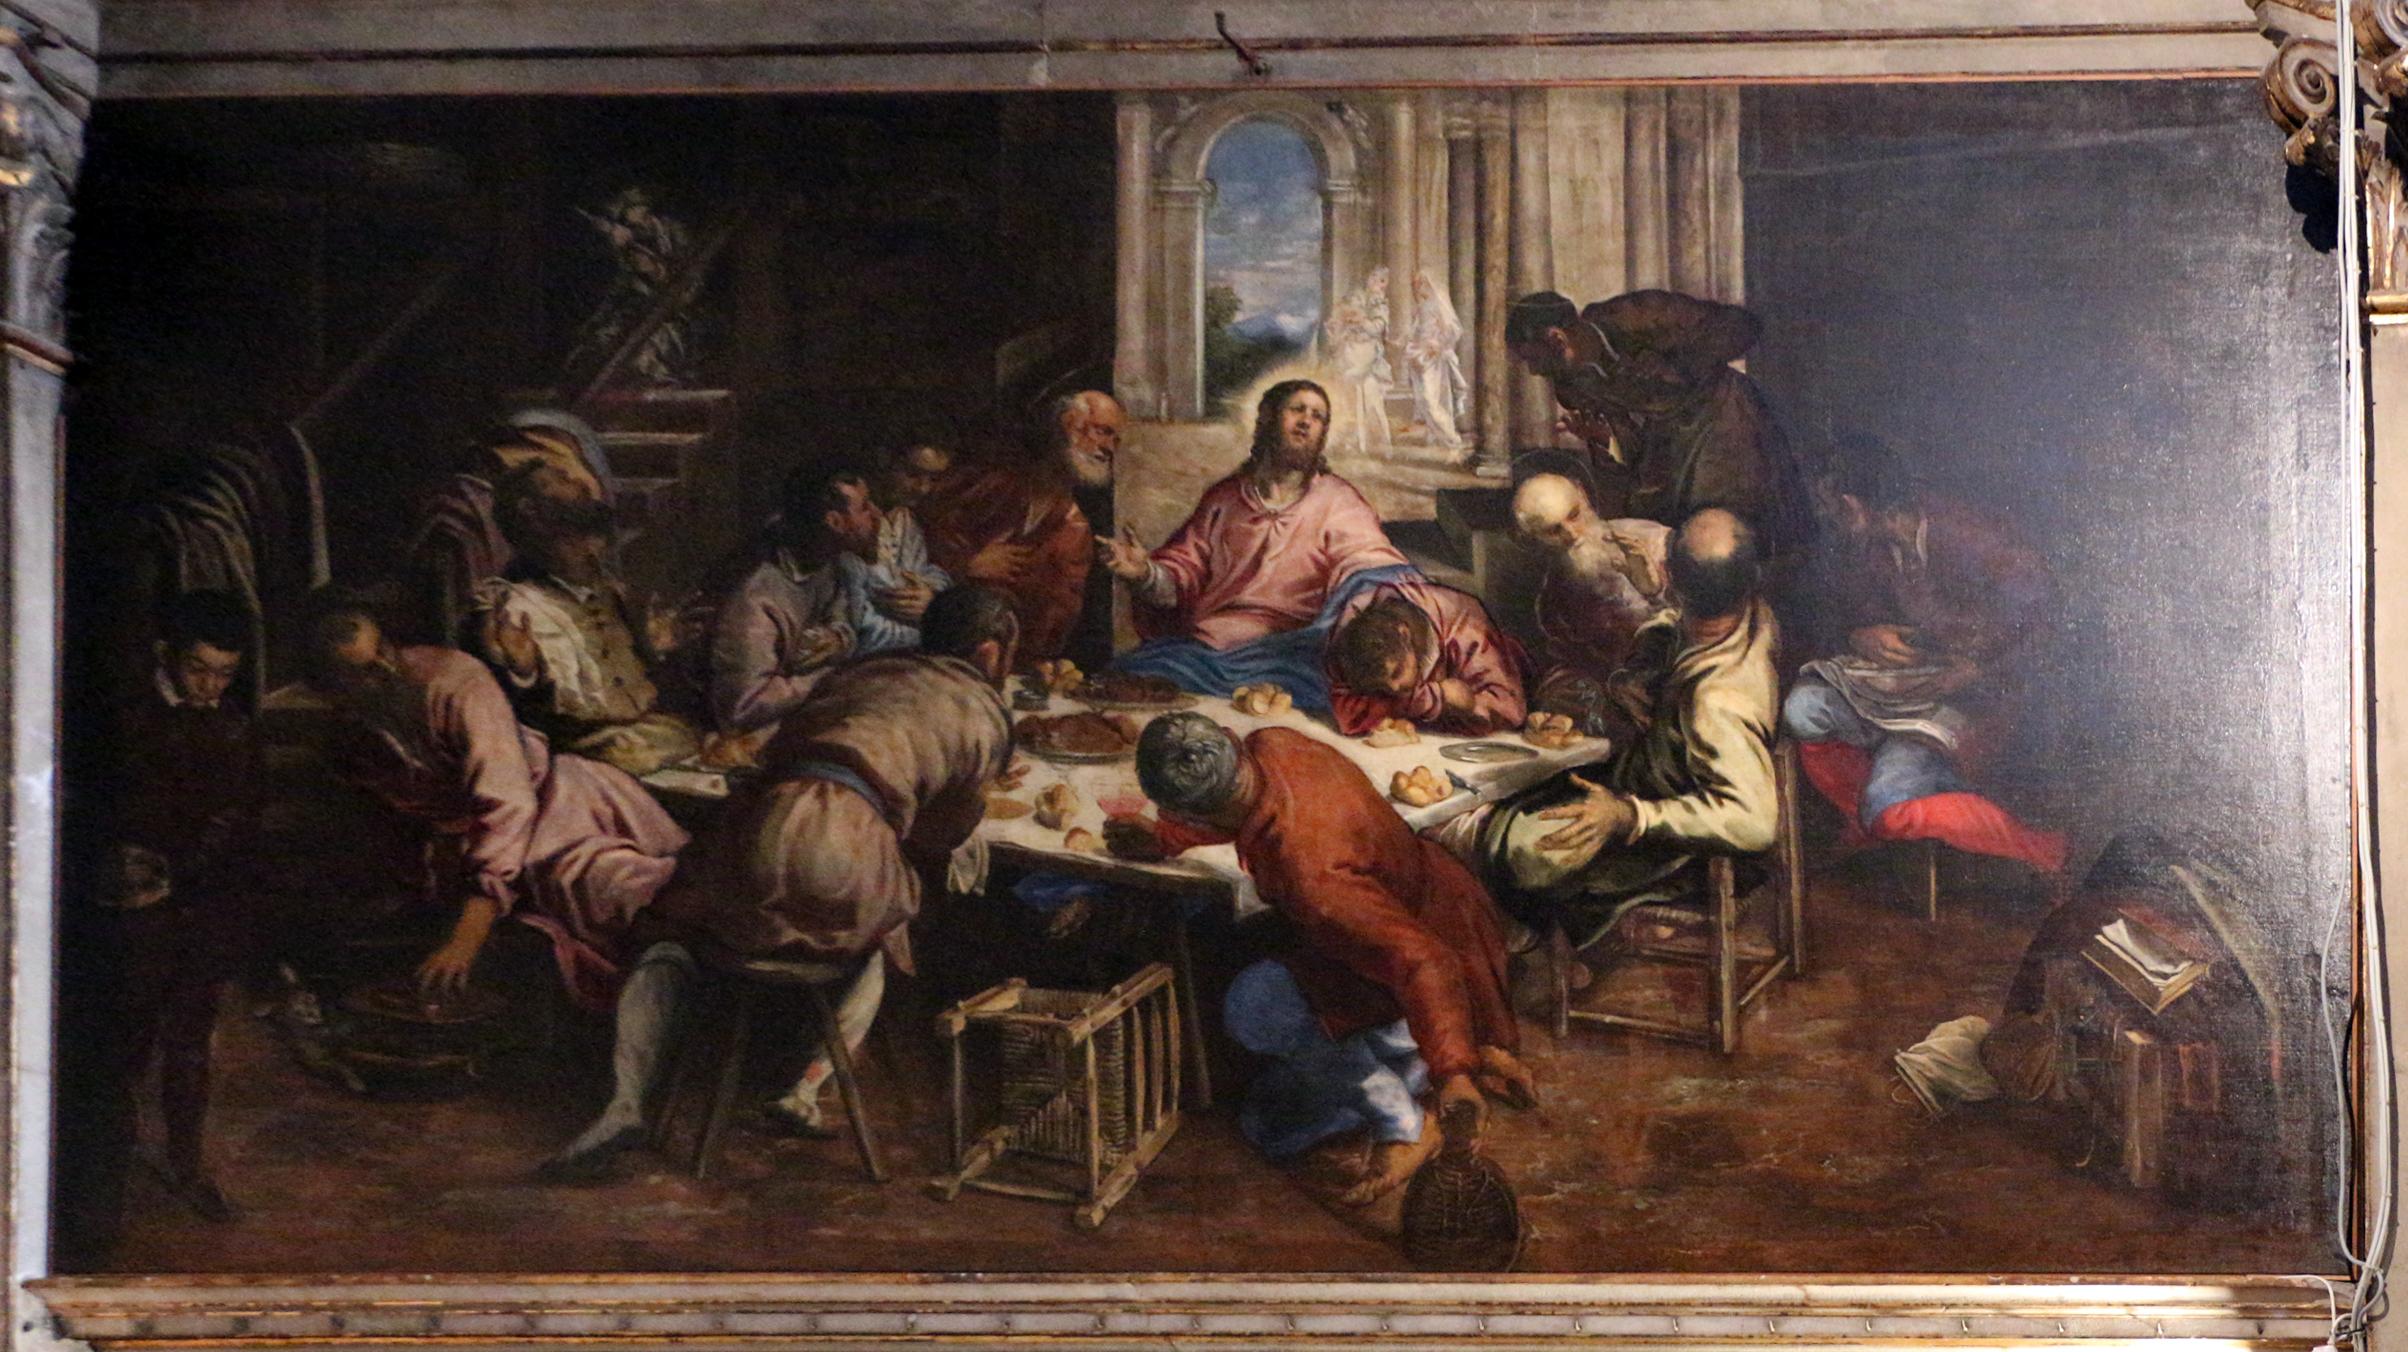 File:Jacopo tintoretto, ultima cena, 1560 ca. (san trovaso) 01